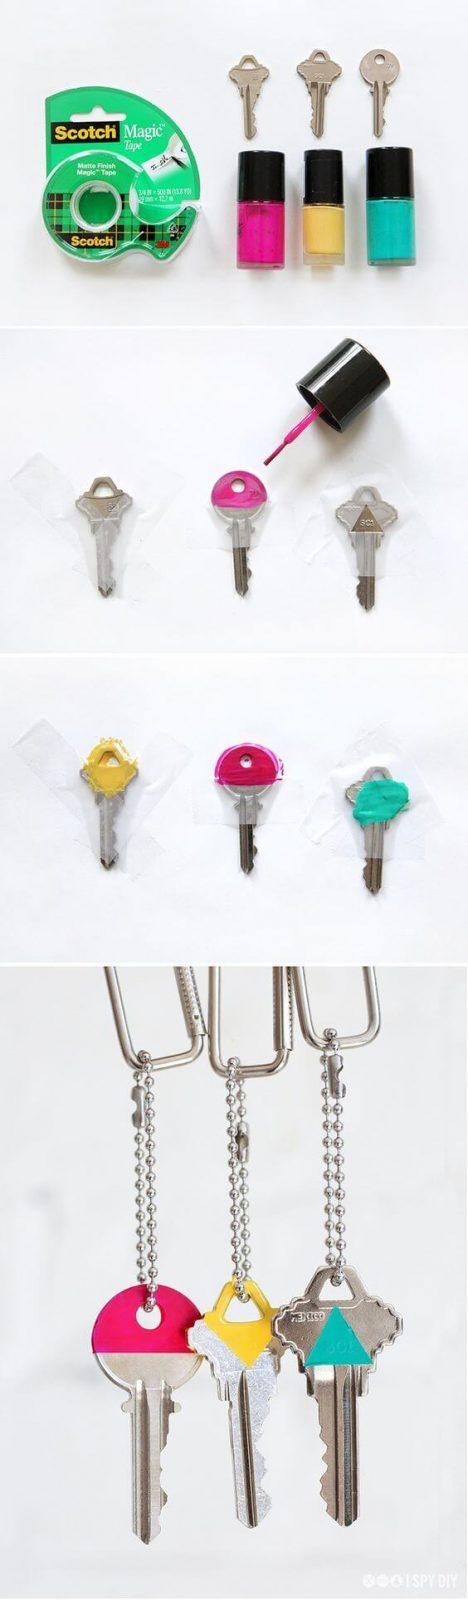 Deko Ideen und DIY Wohnaccessoires zum Selbermachen, Schlüssel mit Nagellack markieren